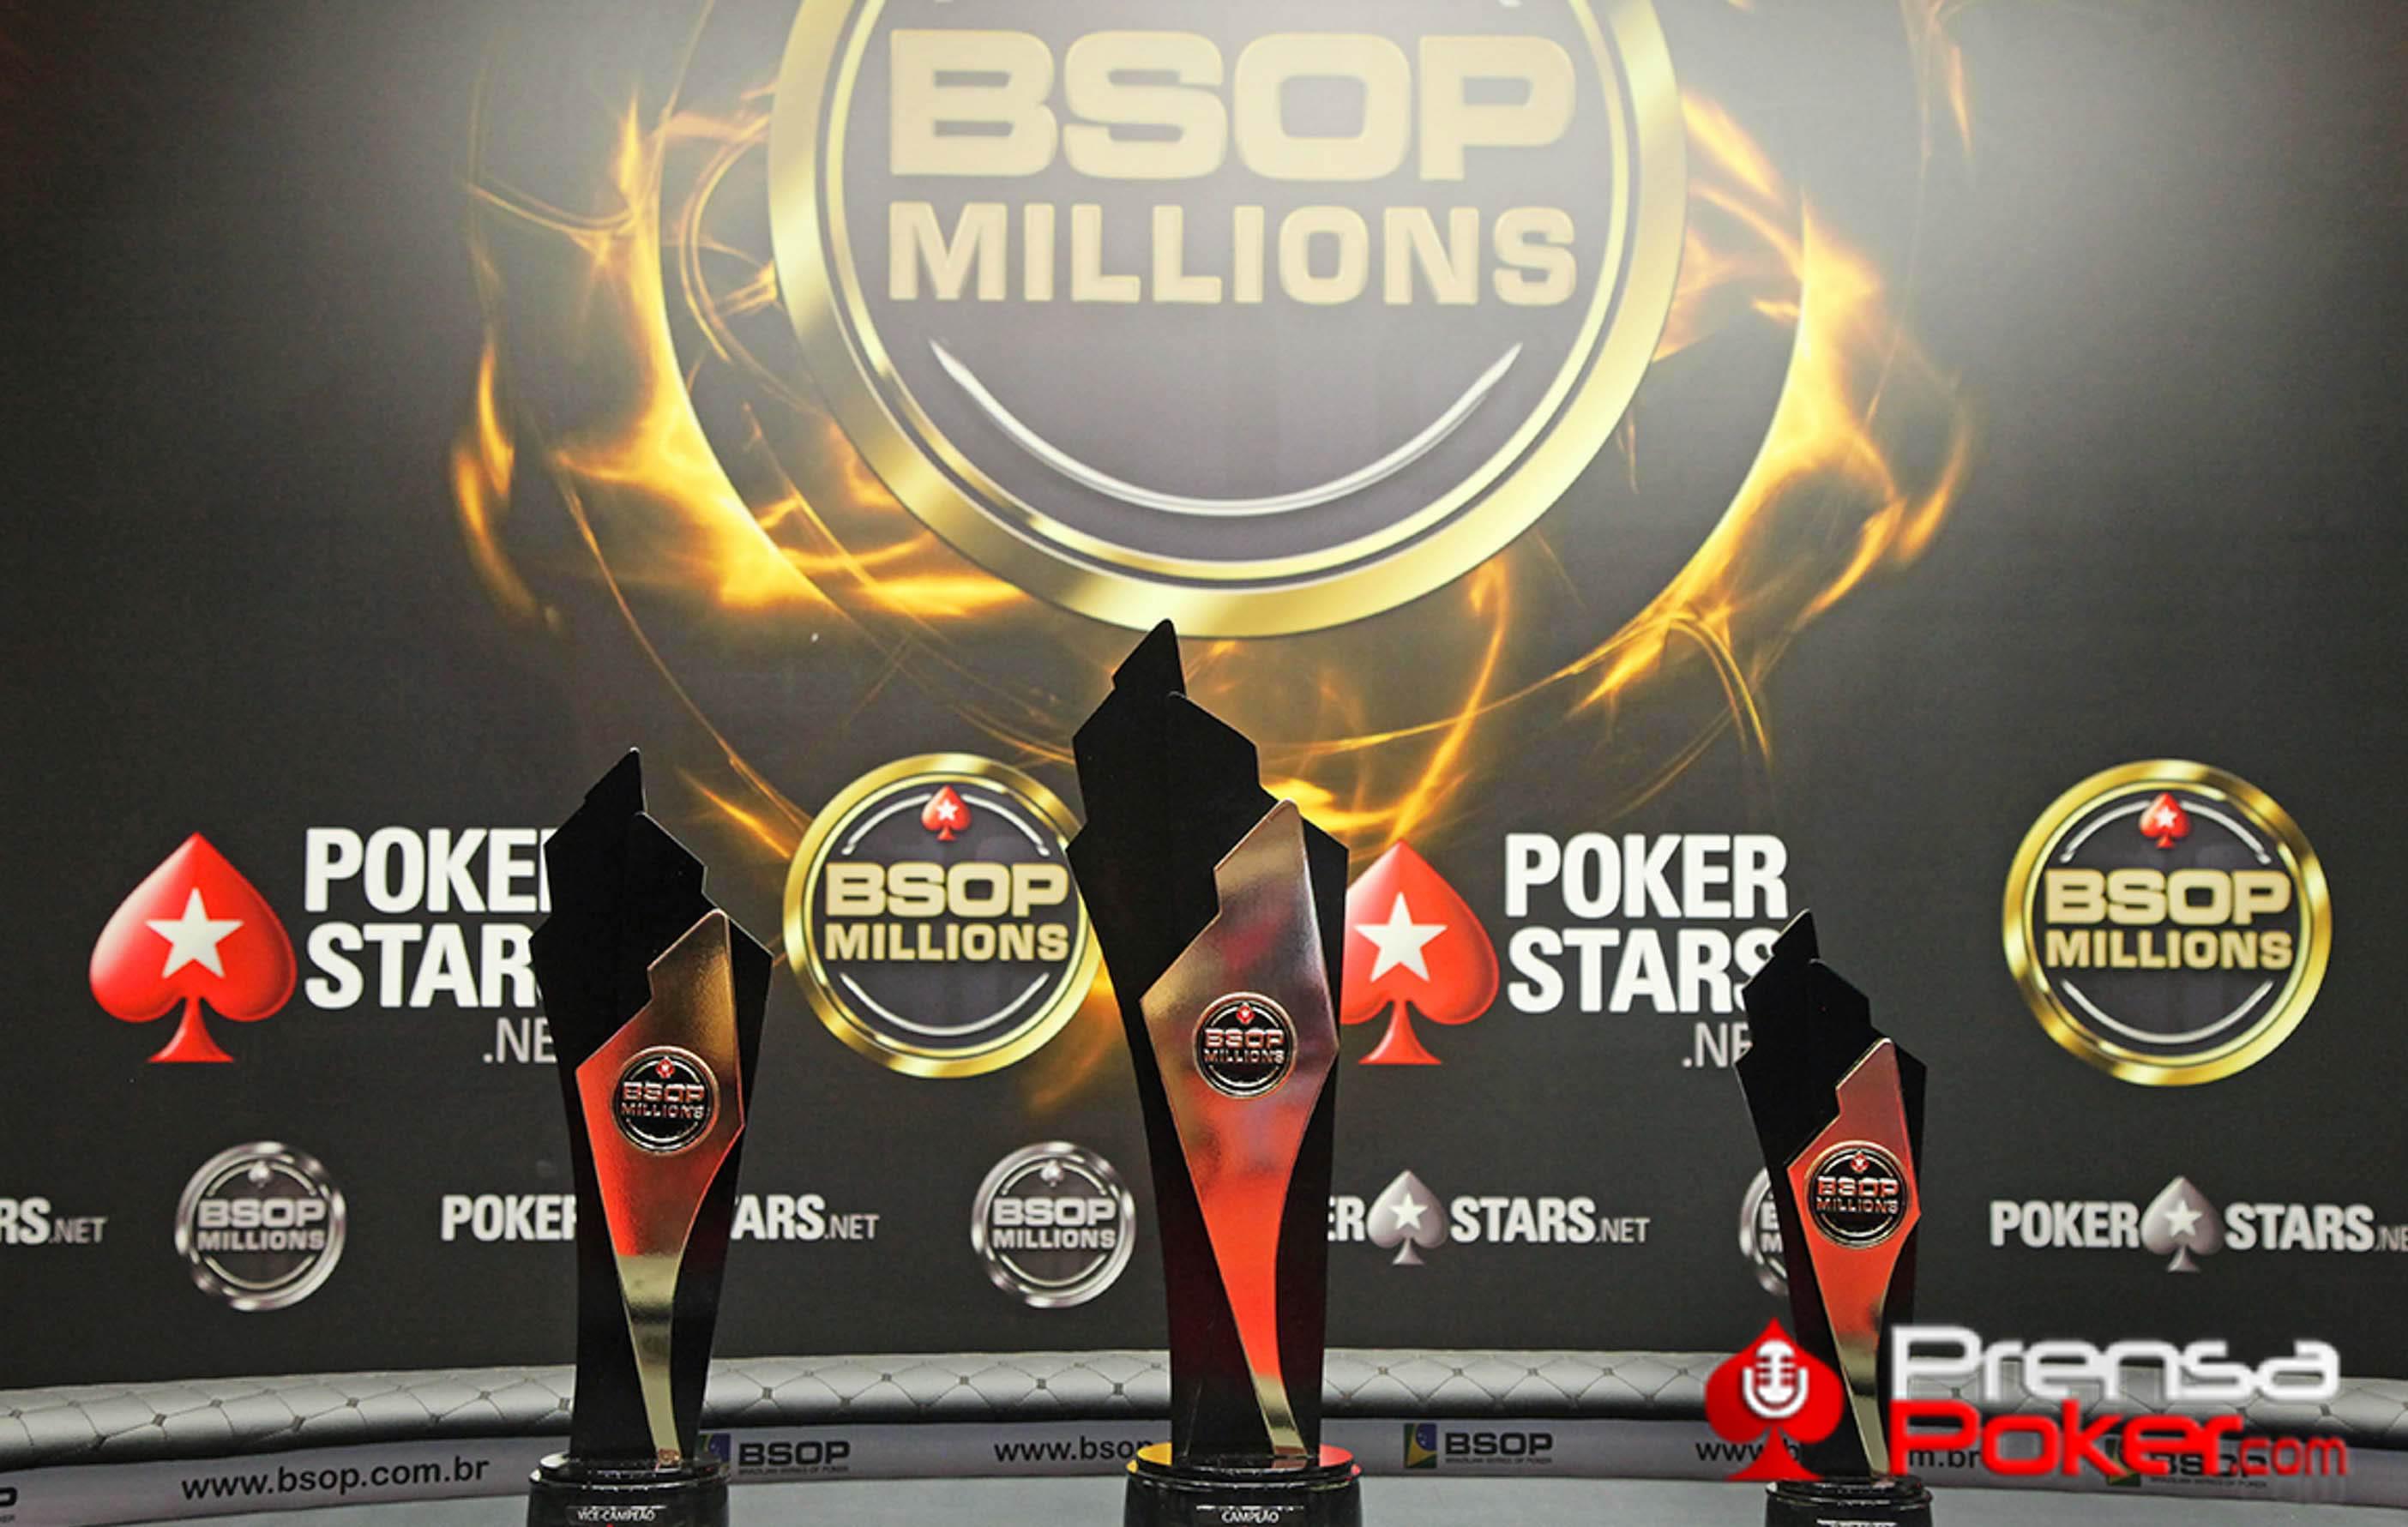 Trofeos BSOP